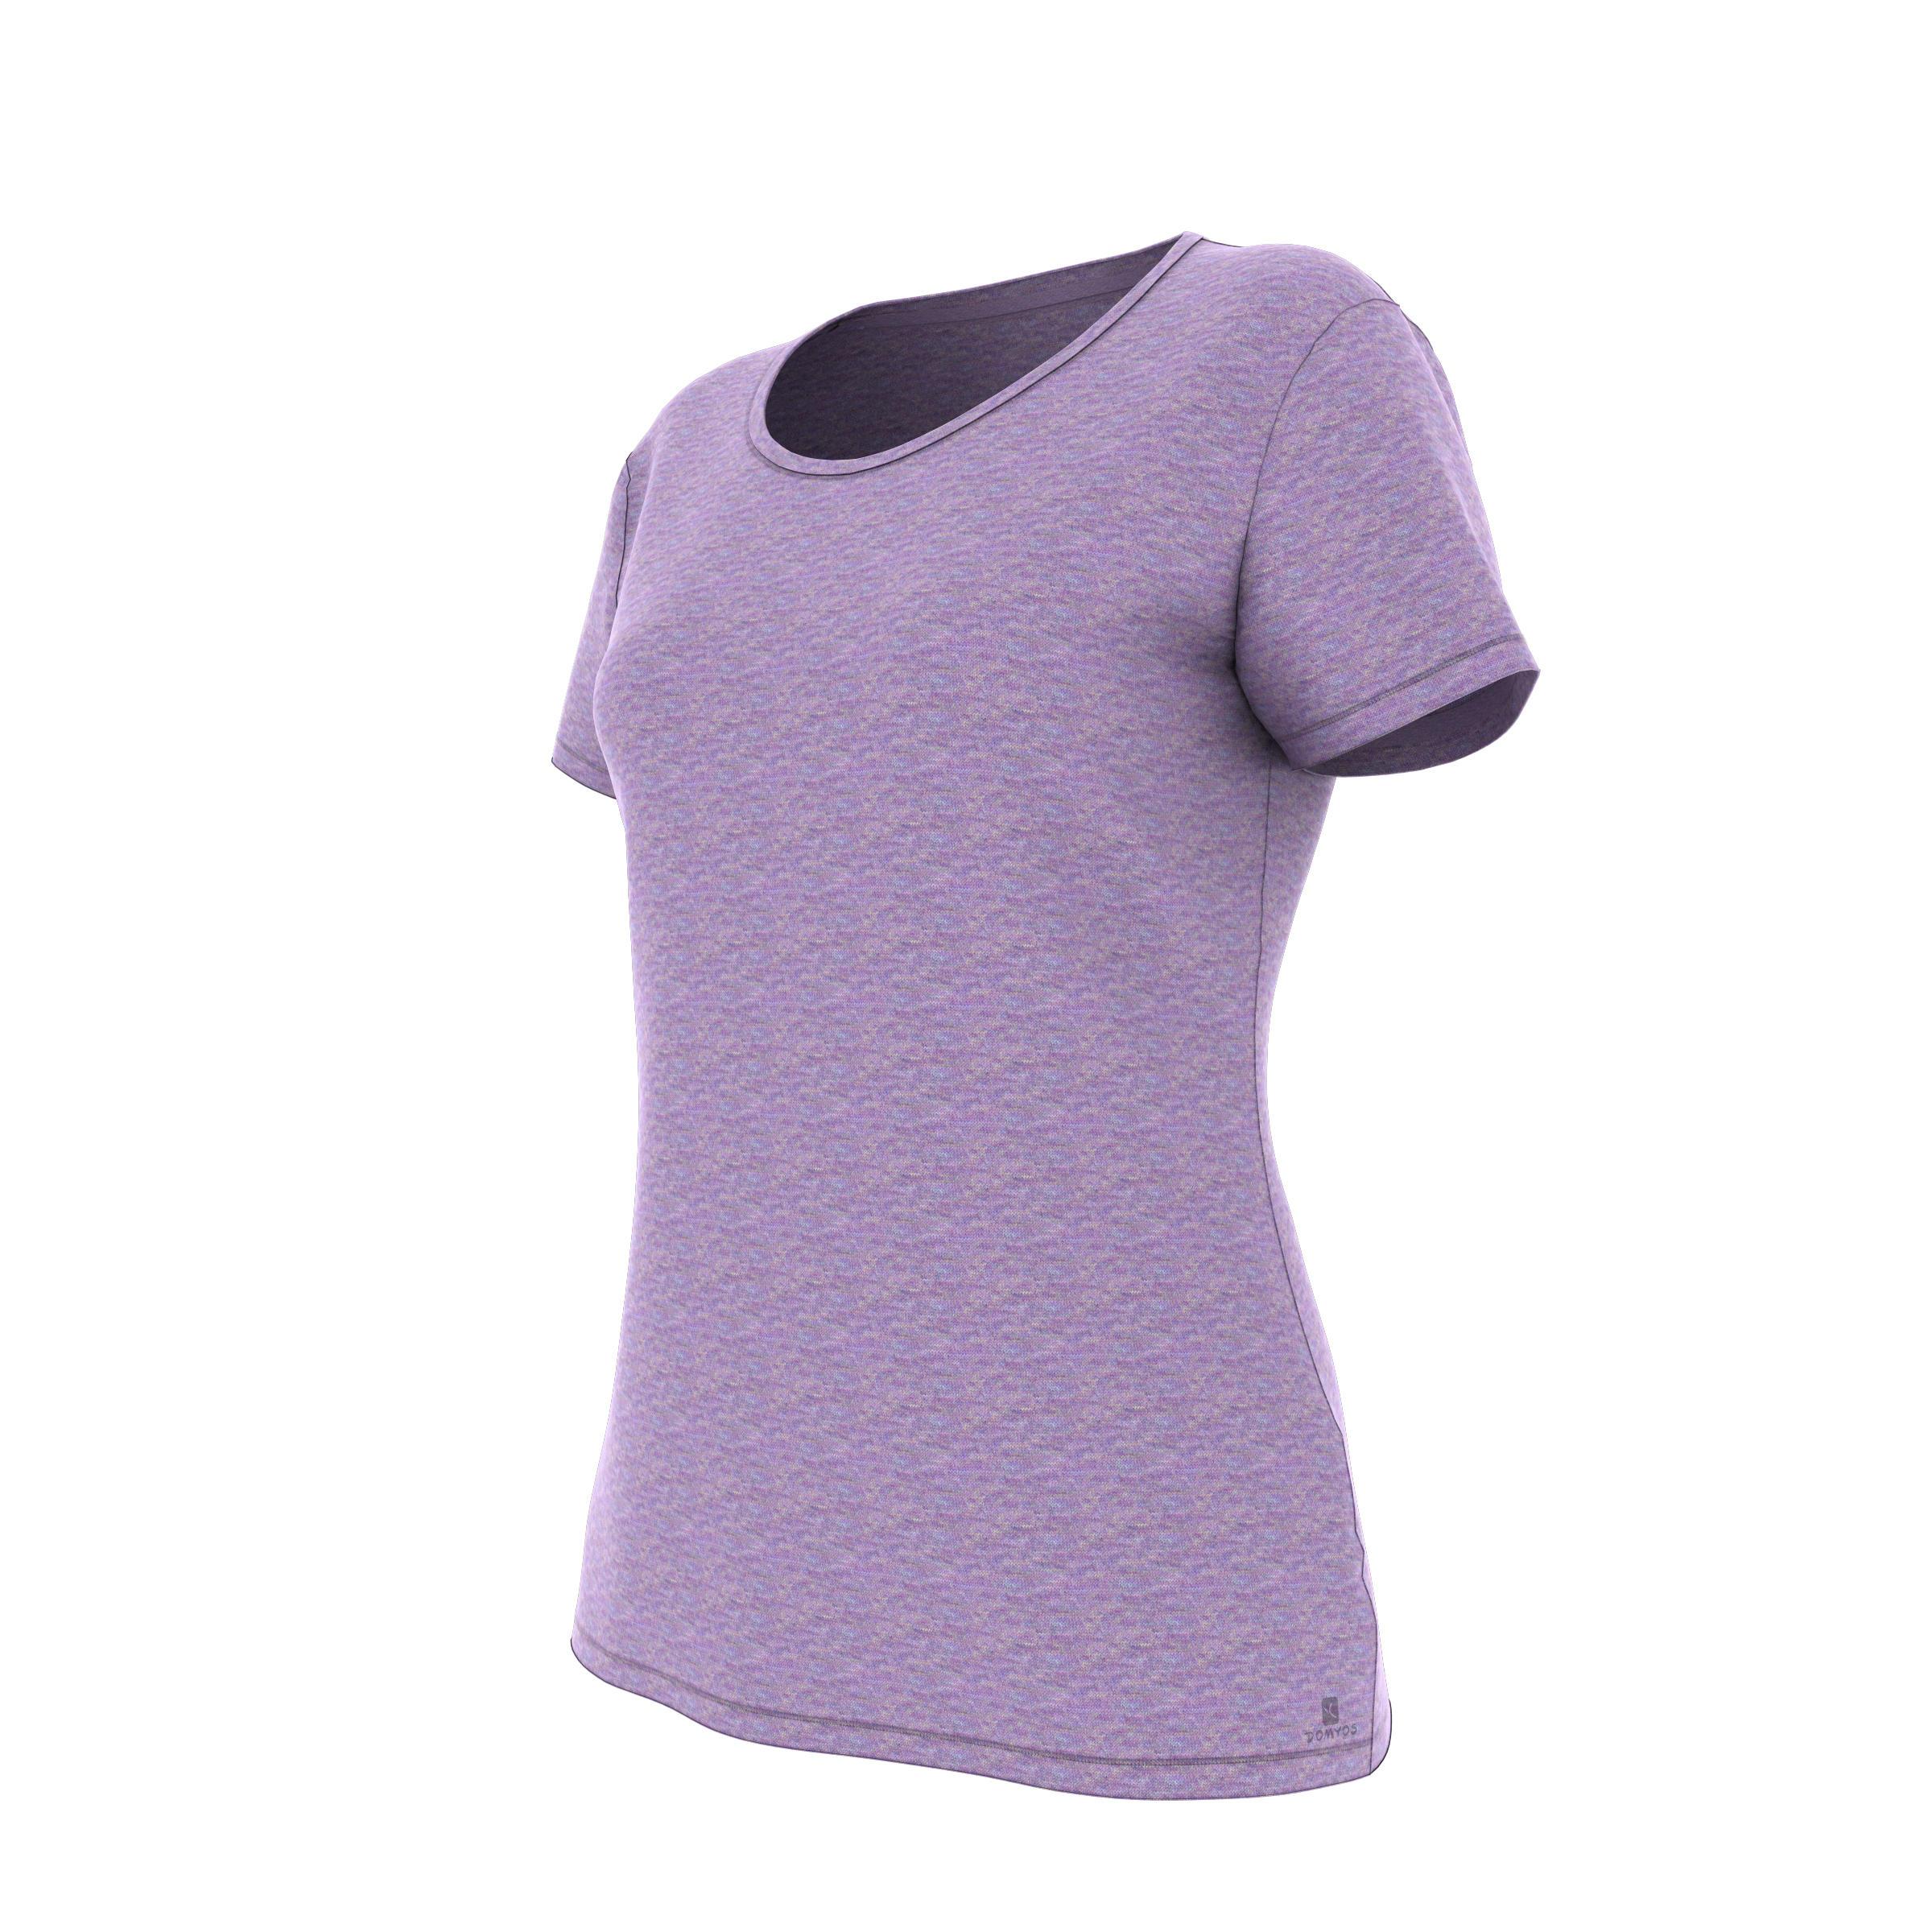 Domyos Dames T-shirt 500 voor gym en pilates regular fit paars